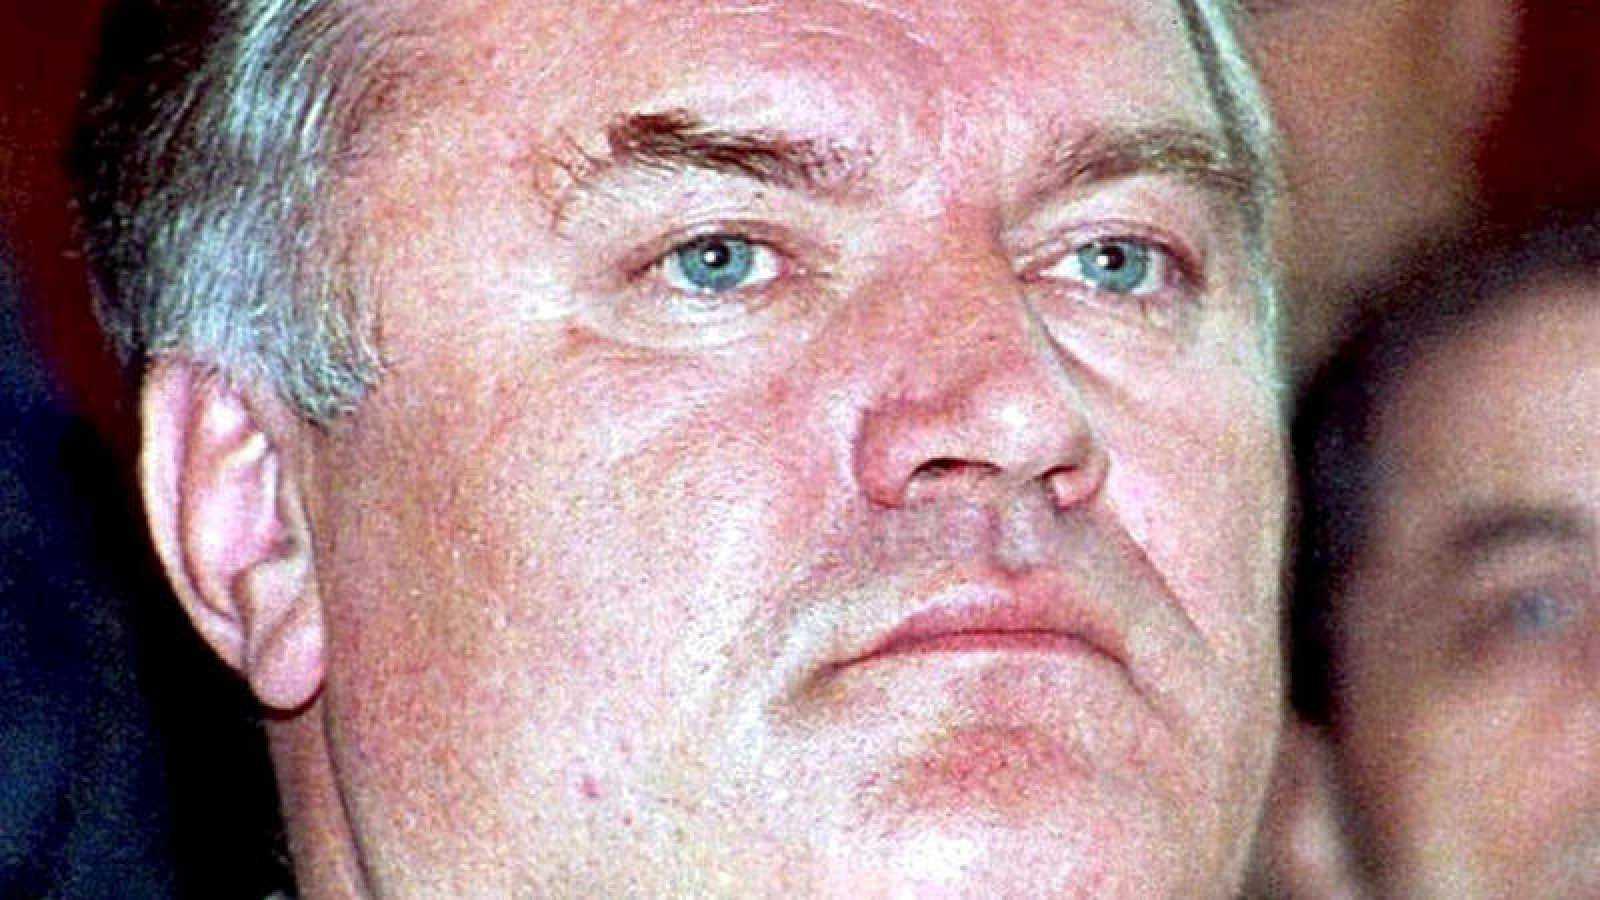 Foto de archivo de 1995 del exlíder militar serbobosnio Ratko Mladic